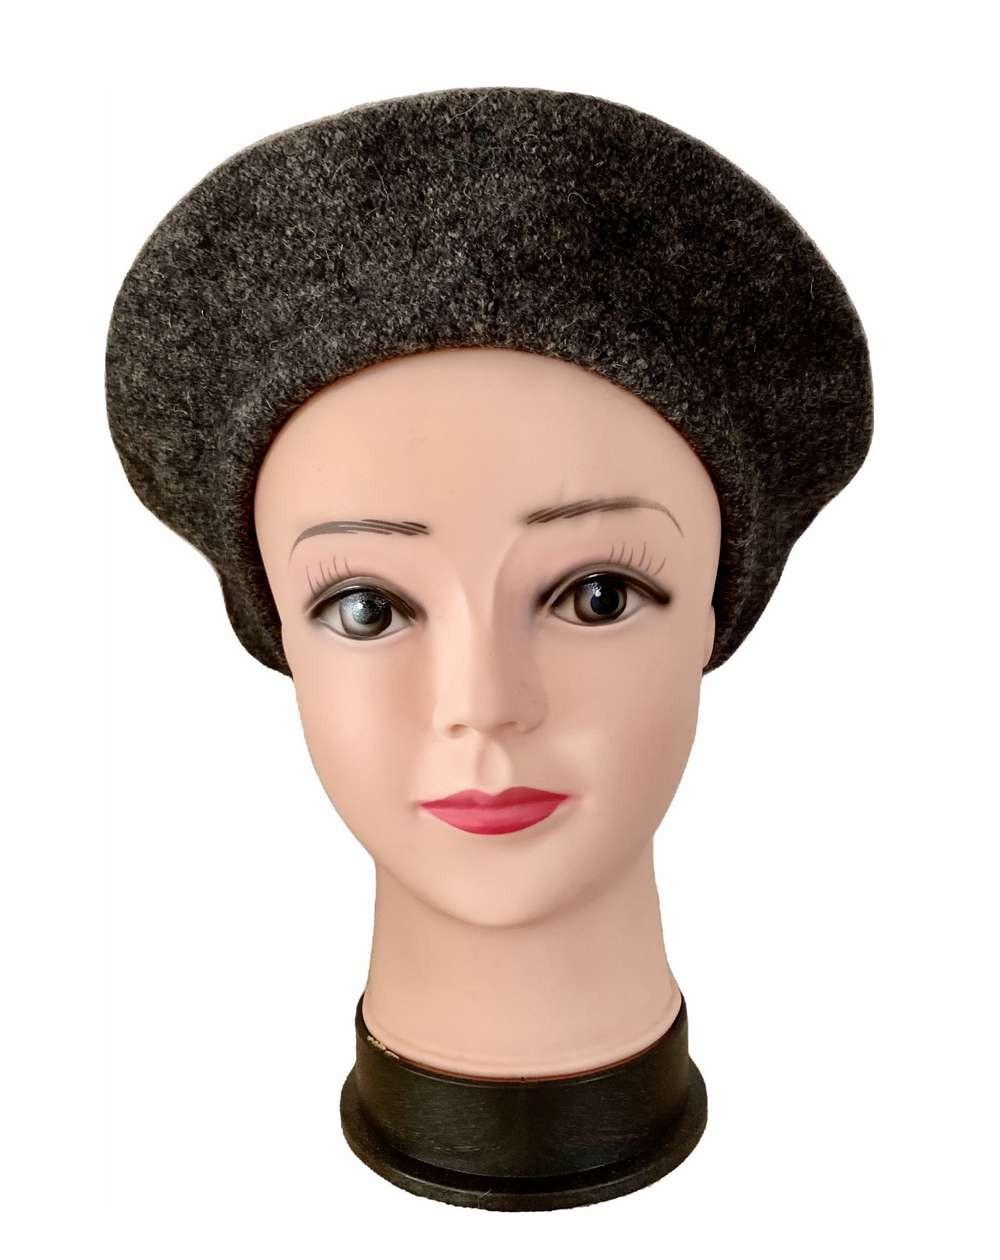 Béret femme coloris gris chiné